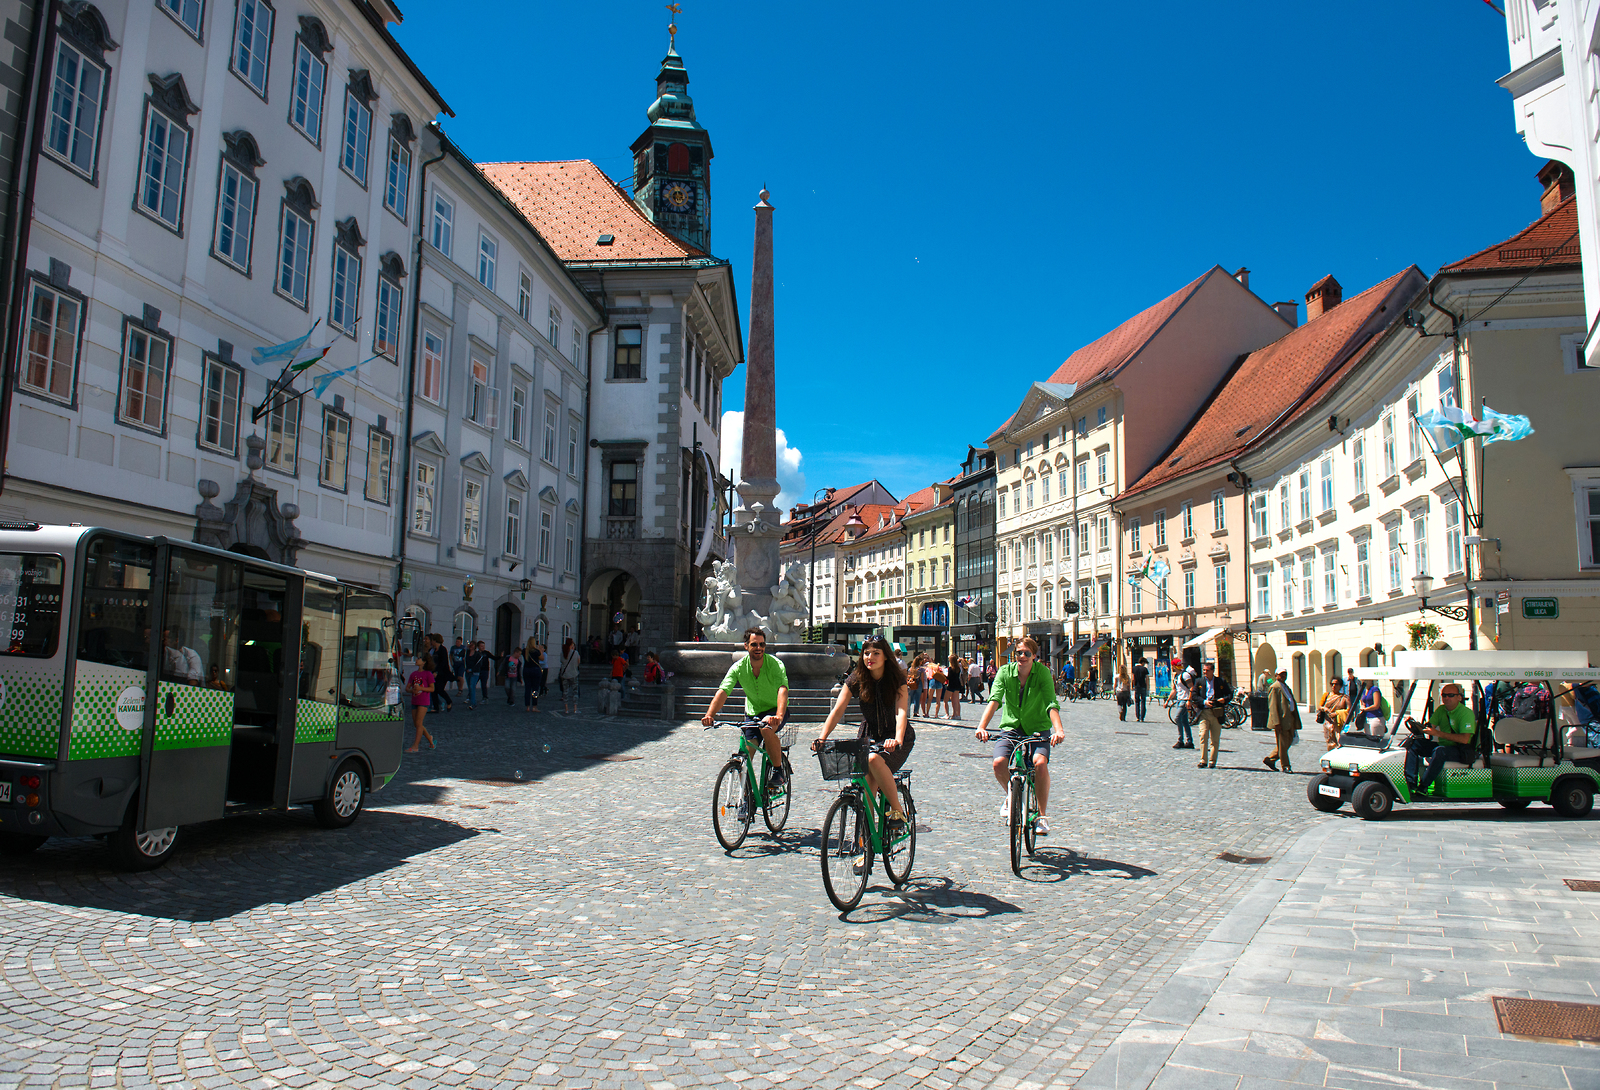 F000152-slovenia_green_ljubljana_dsc_865